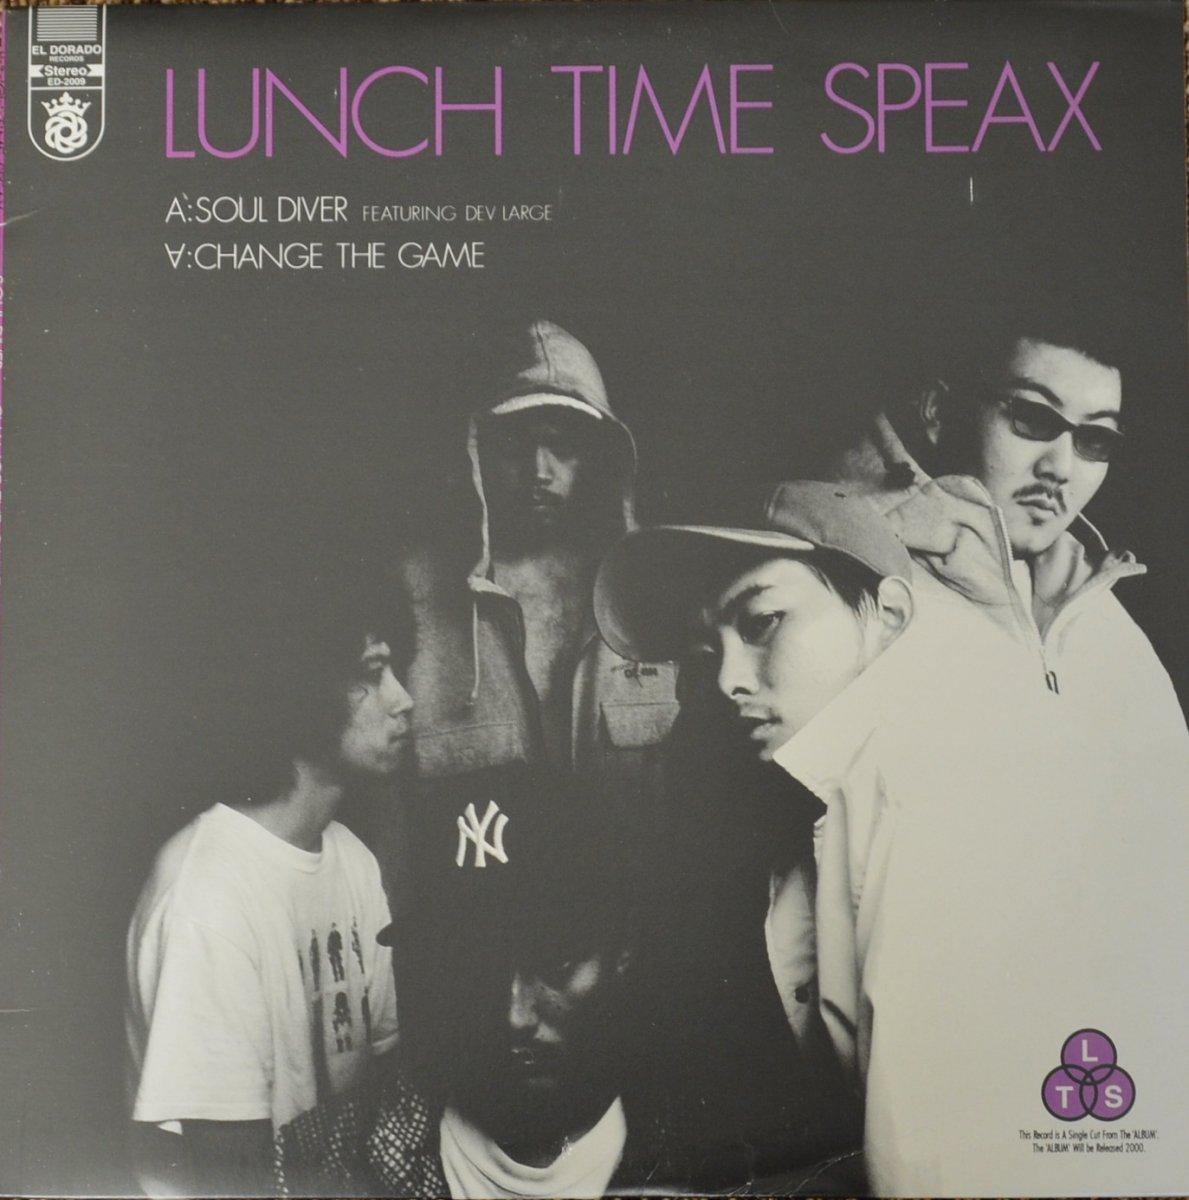 ランチ・タイム・スピークス LUNCH TIME SPEAX / ソウル・ダイバー SOUL DIVER (FT,DEV LARGE) (12